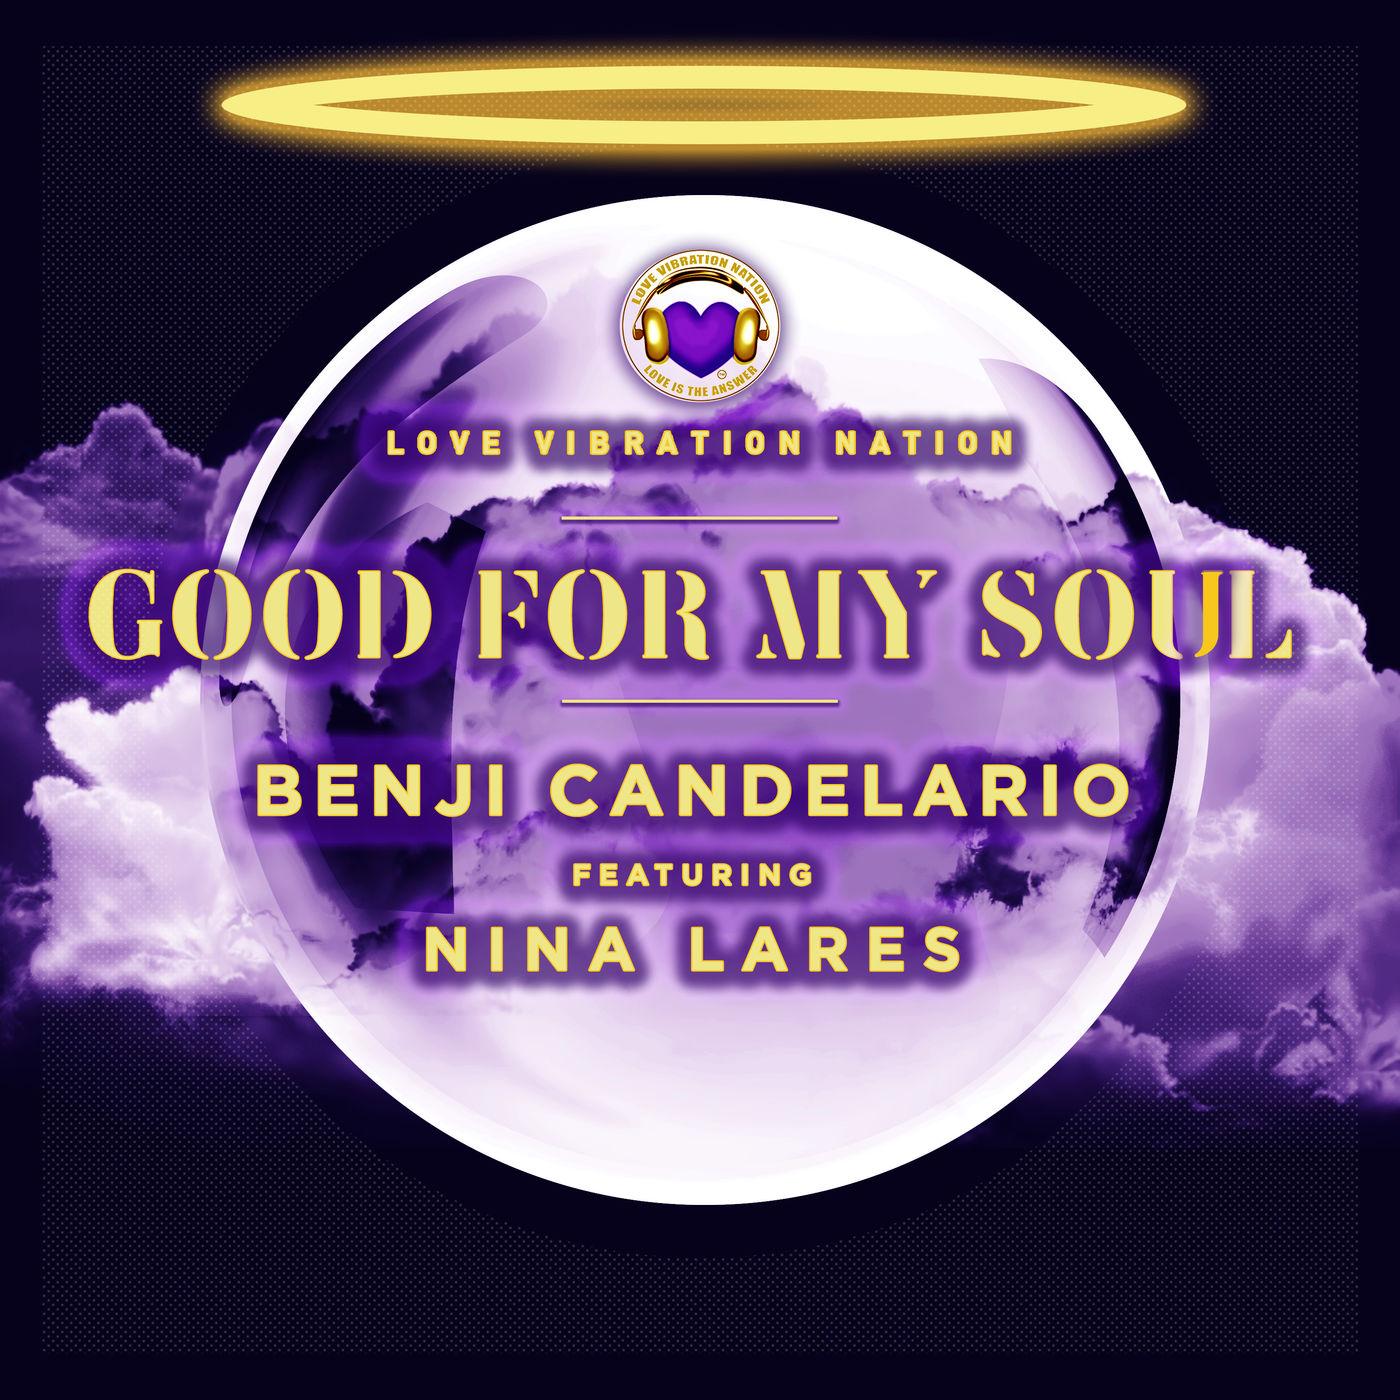 Benji Candelario, Nina Lares - Good For My Soul (BC Main Mix) (Original Mix)